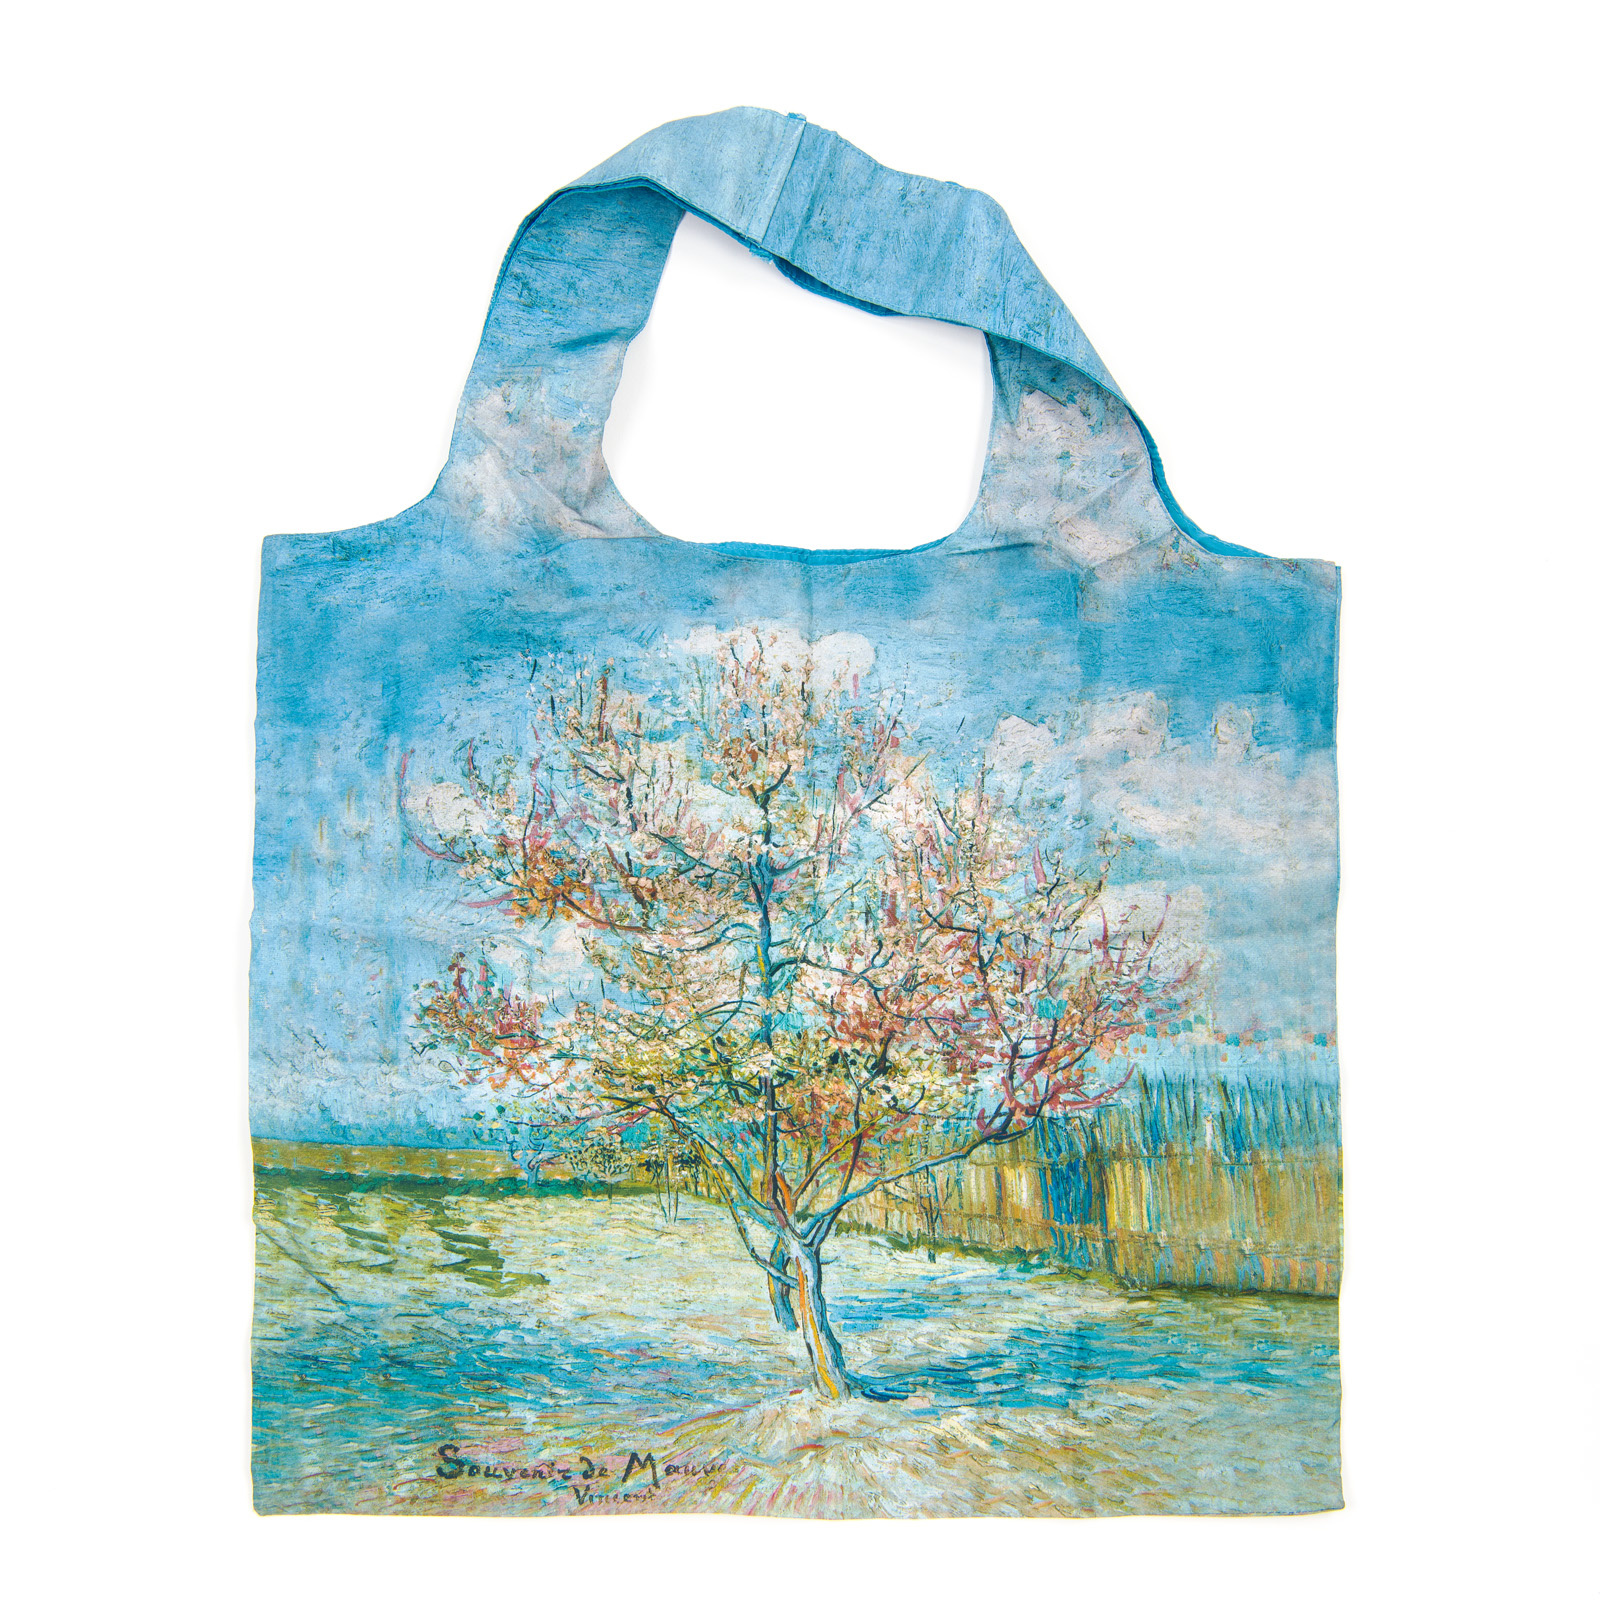 Bedrukte draagtas met Van Gogh-print